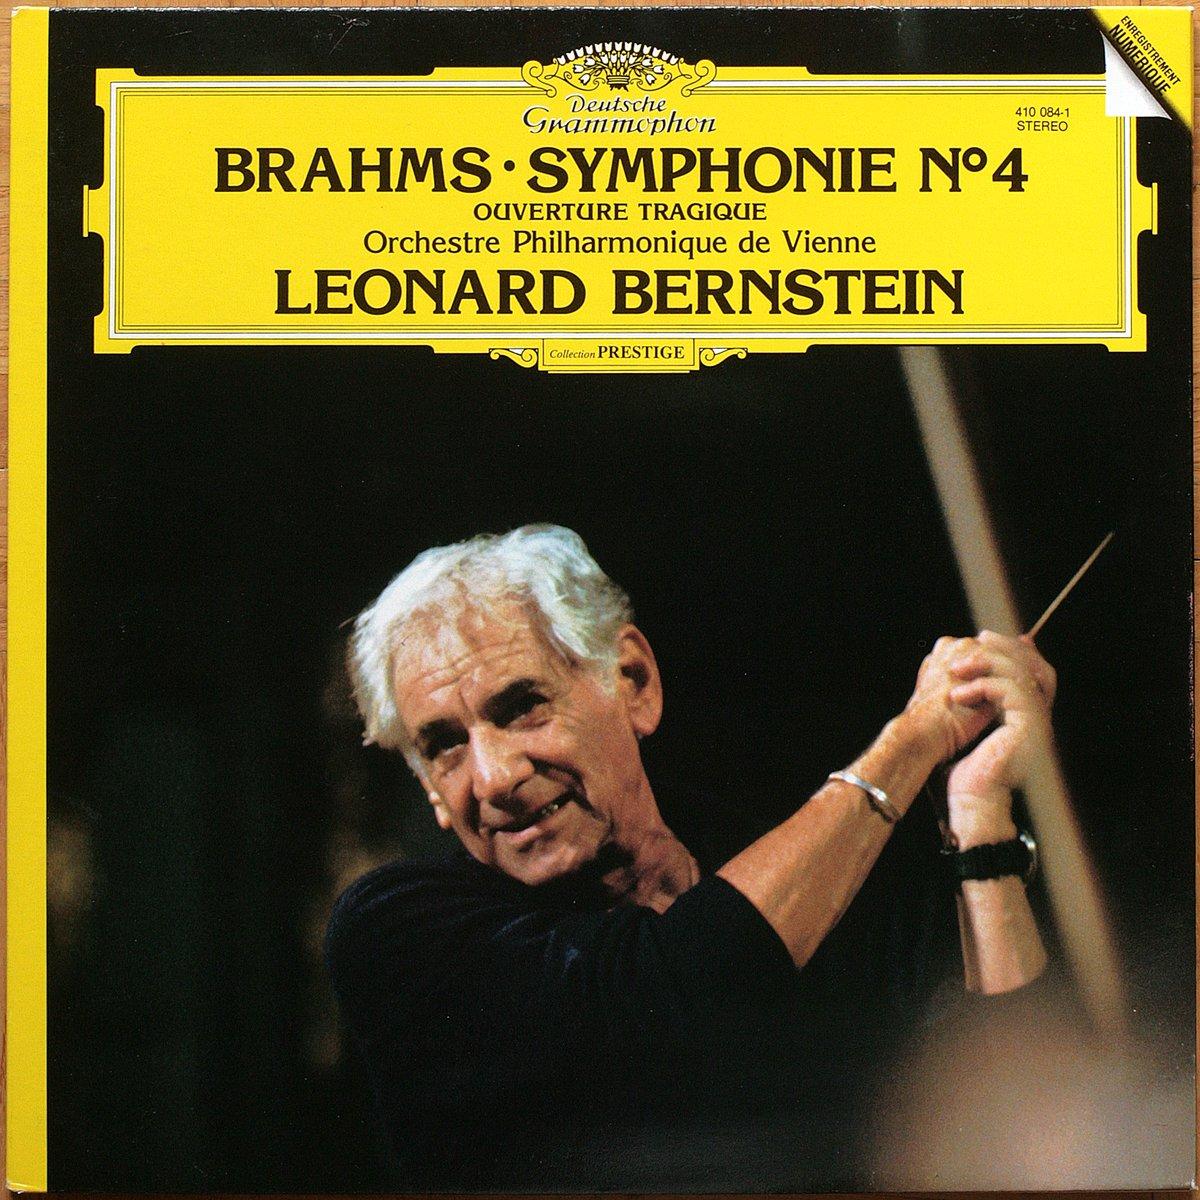 DGG 410 084 Brahms Symphonie 4 Bernstein DGG Digital Aufnahme